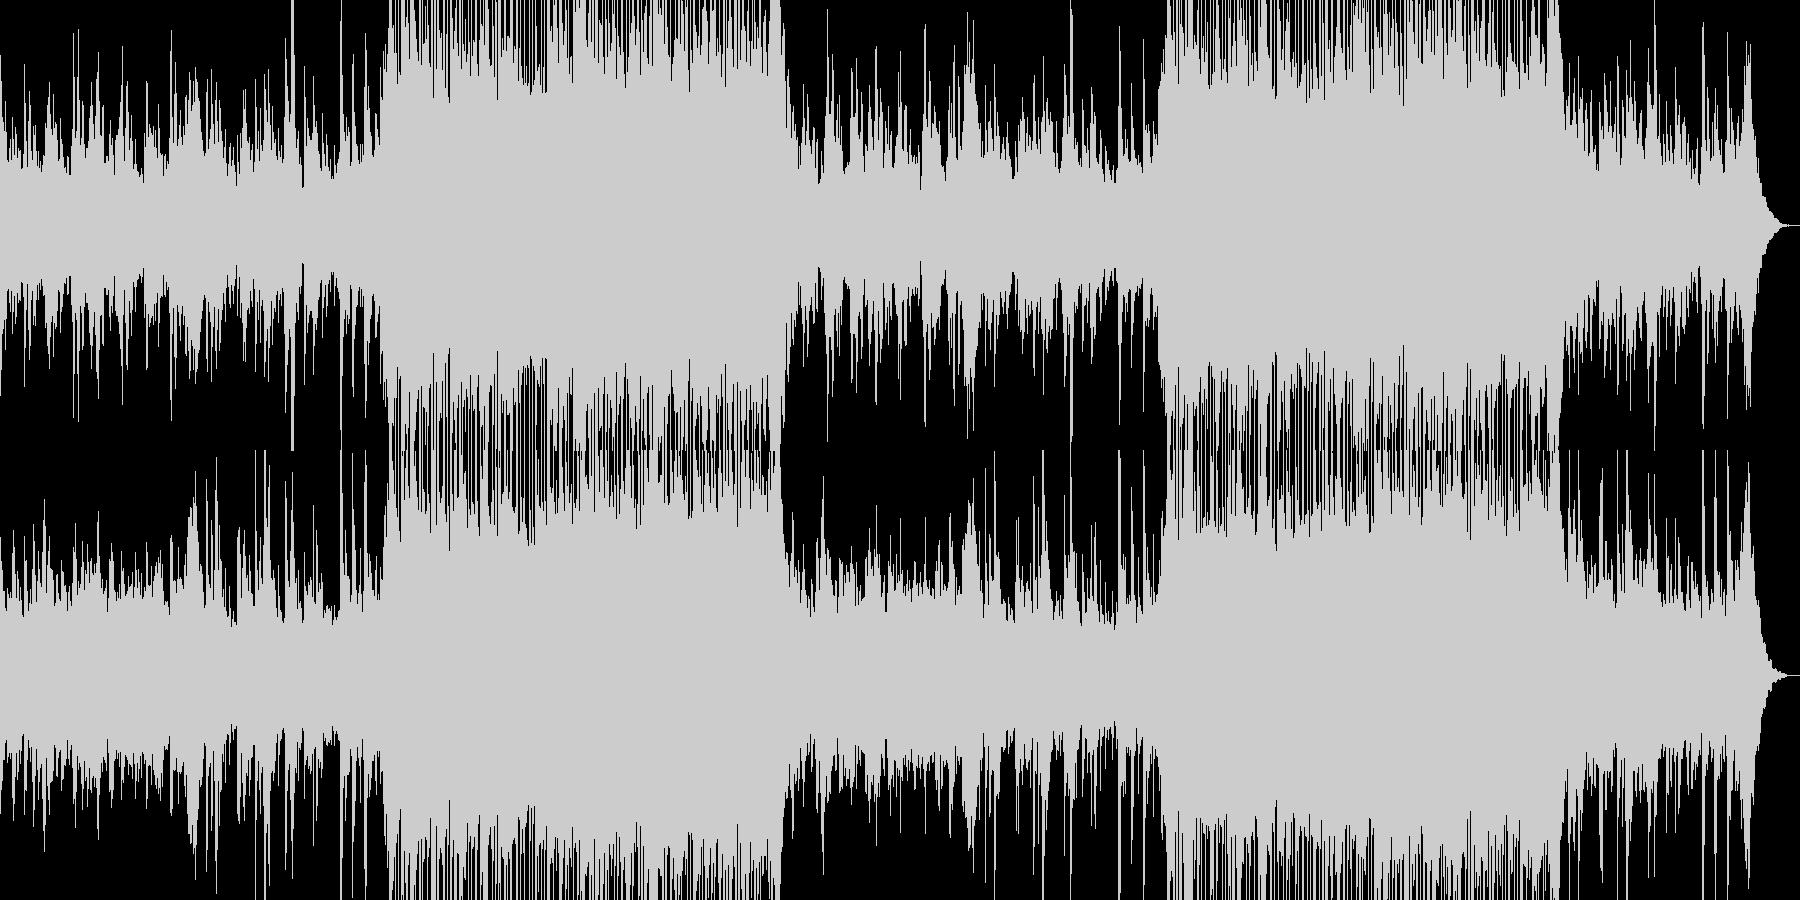 懐かしく切ないチルアウトミュージック。の未再生の波形